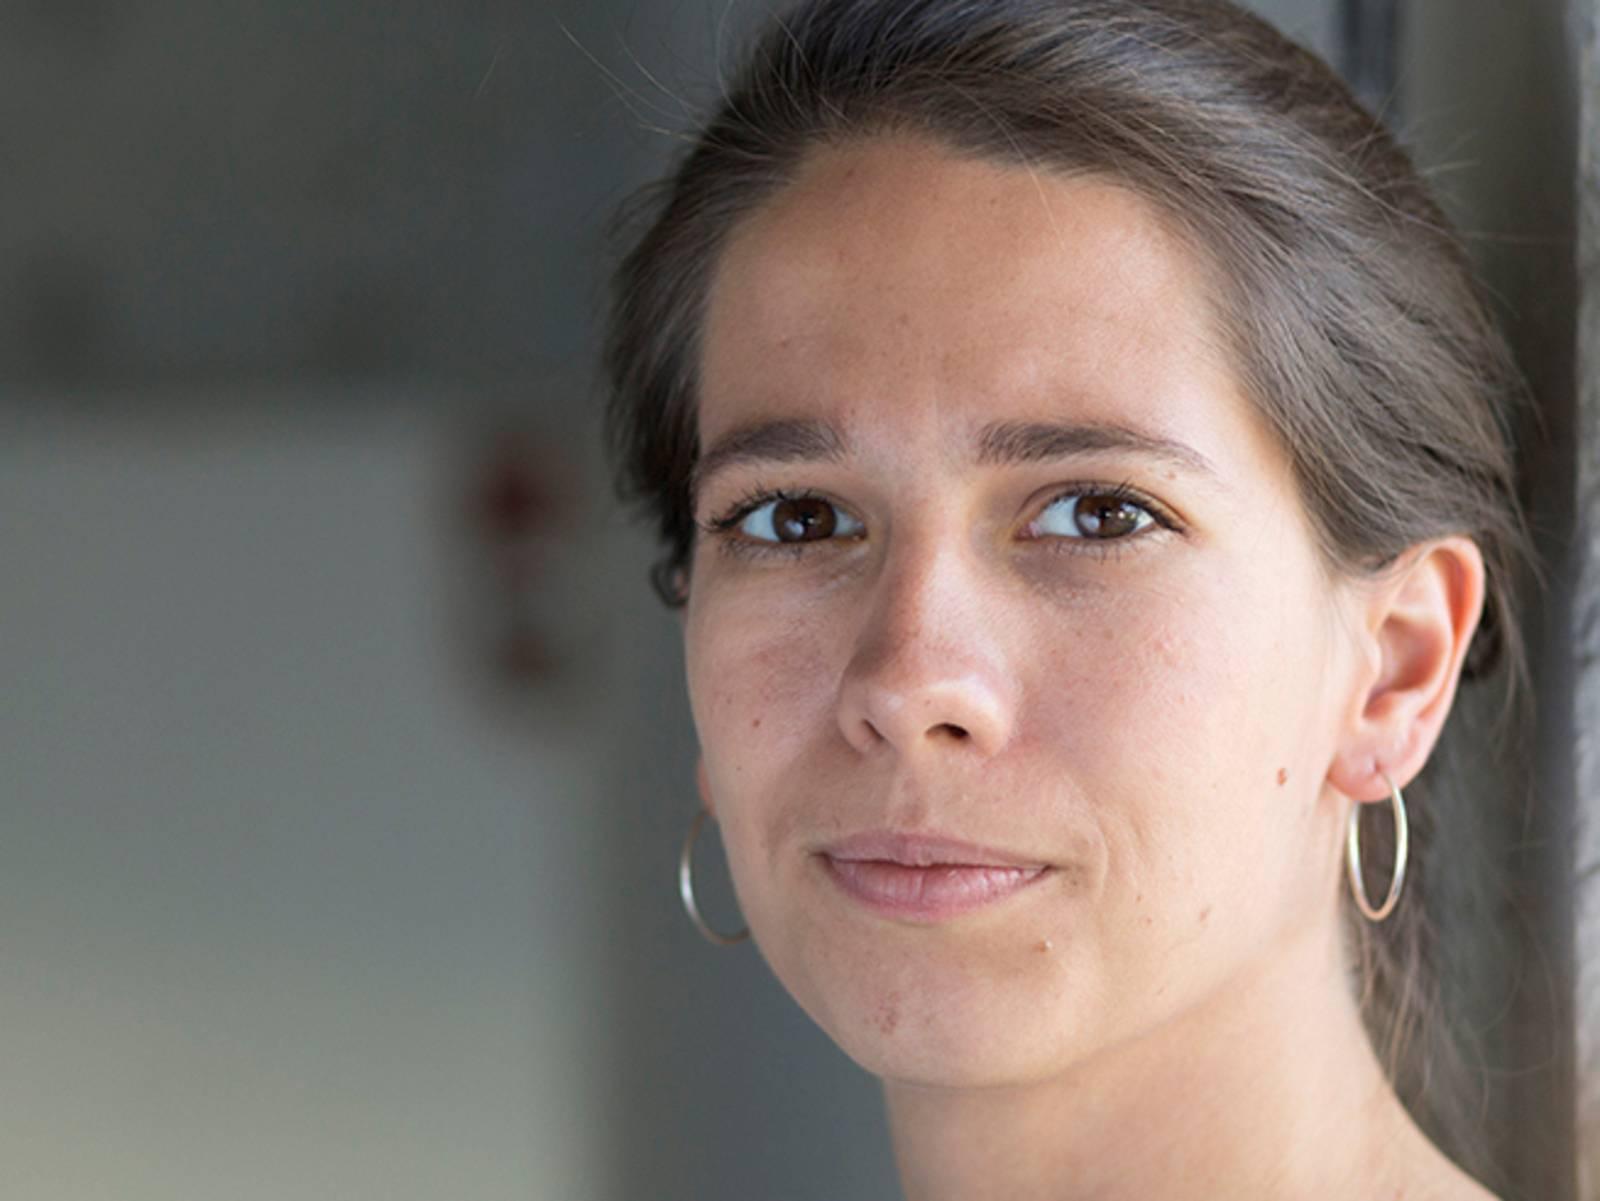 Porträtfoto einer Frau